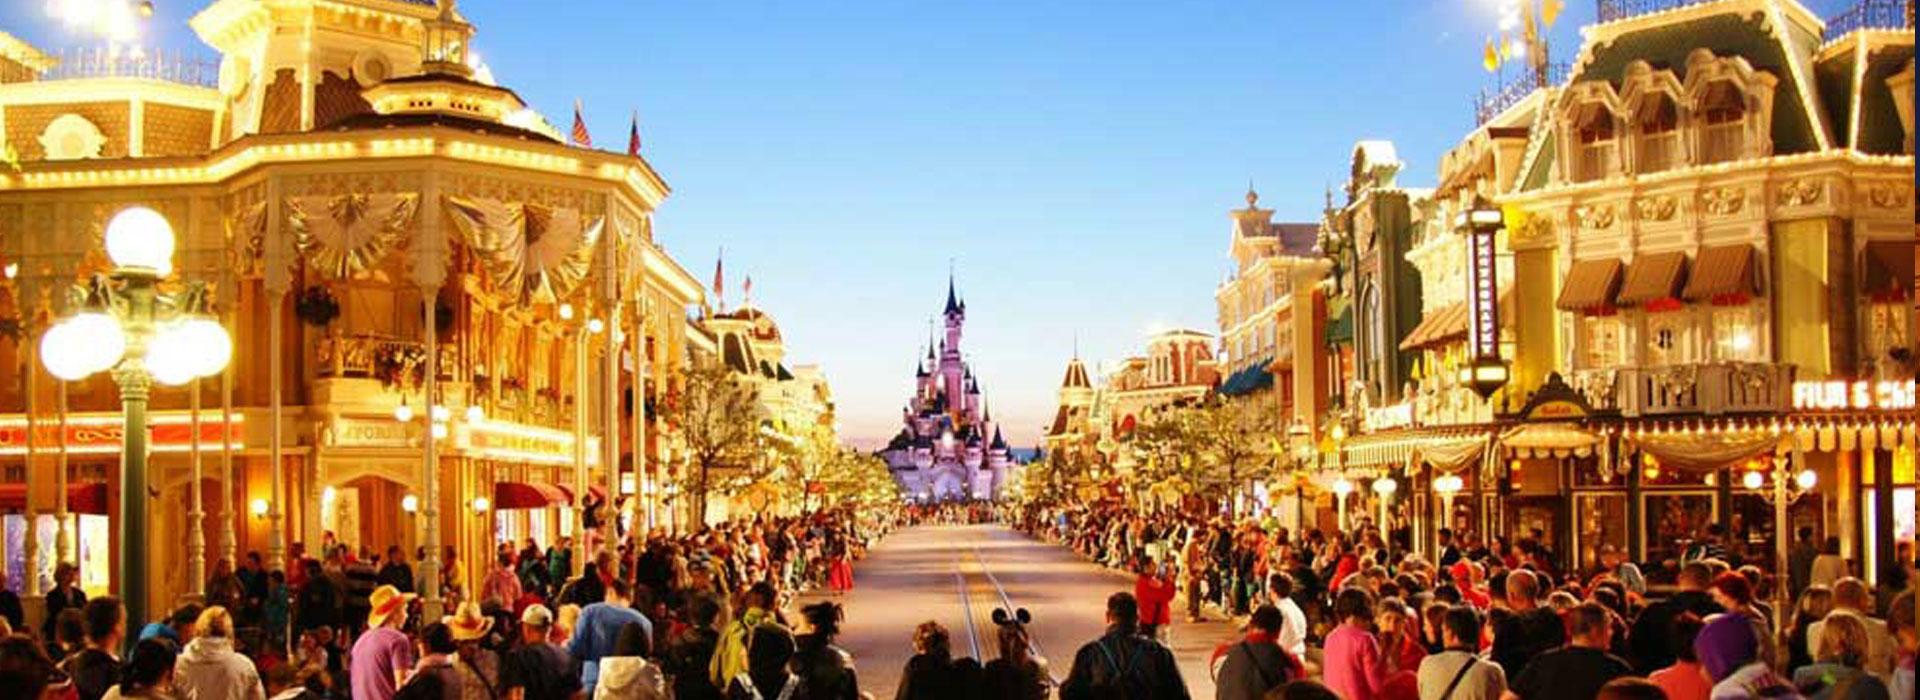 4D3N Paris with Disneyland®